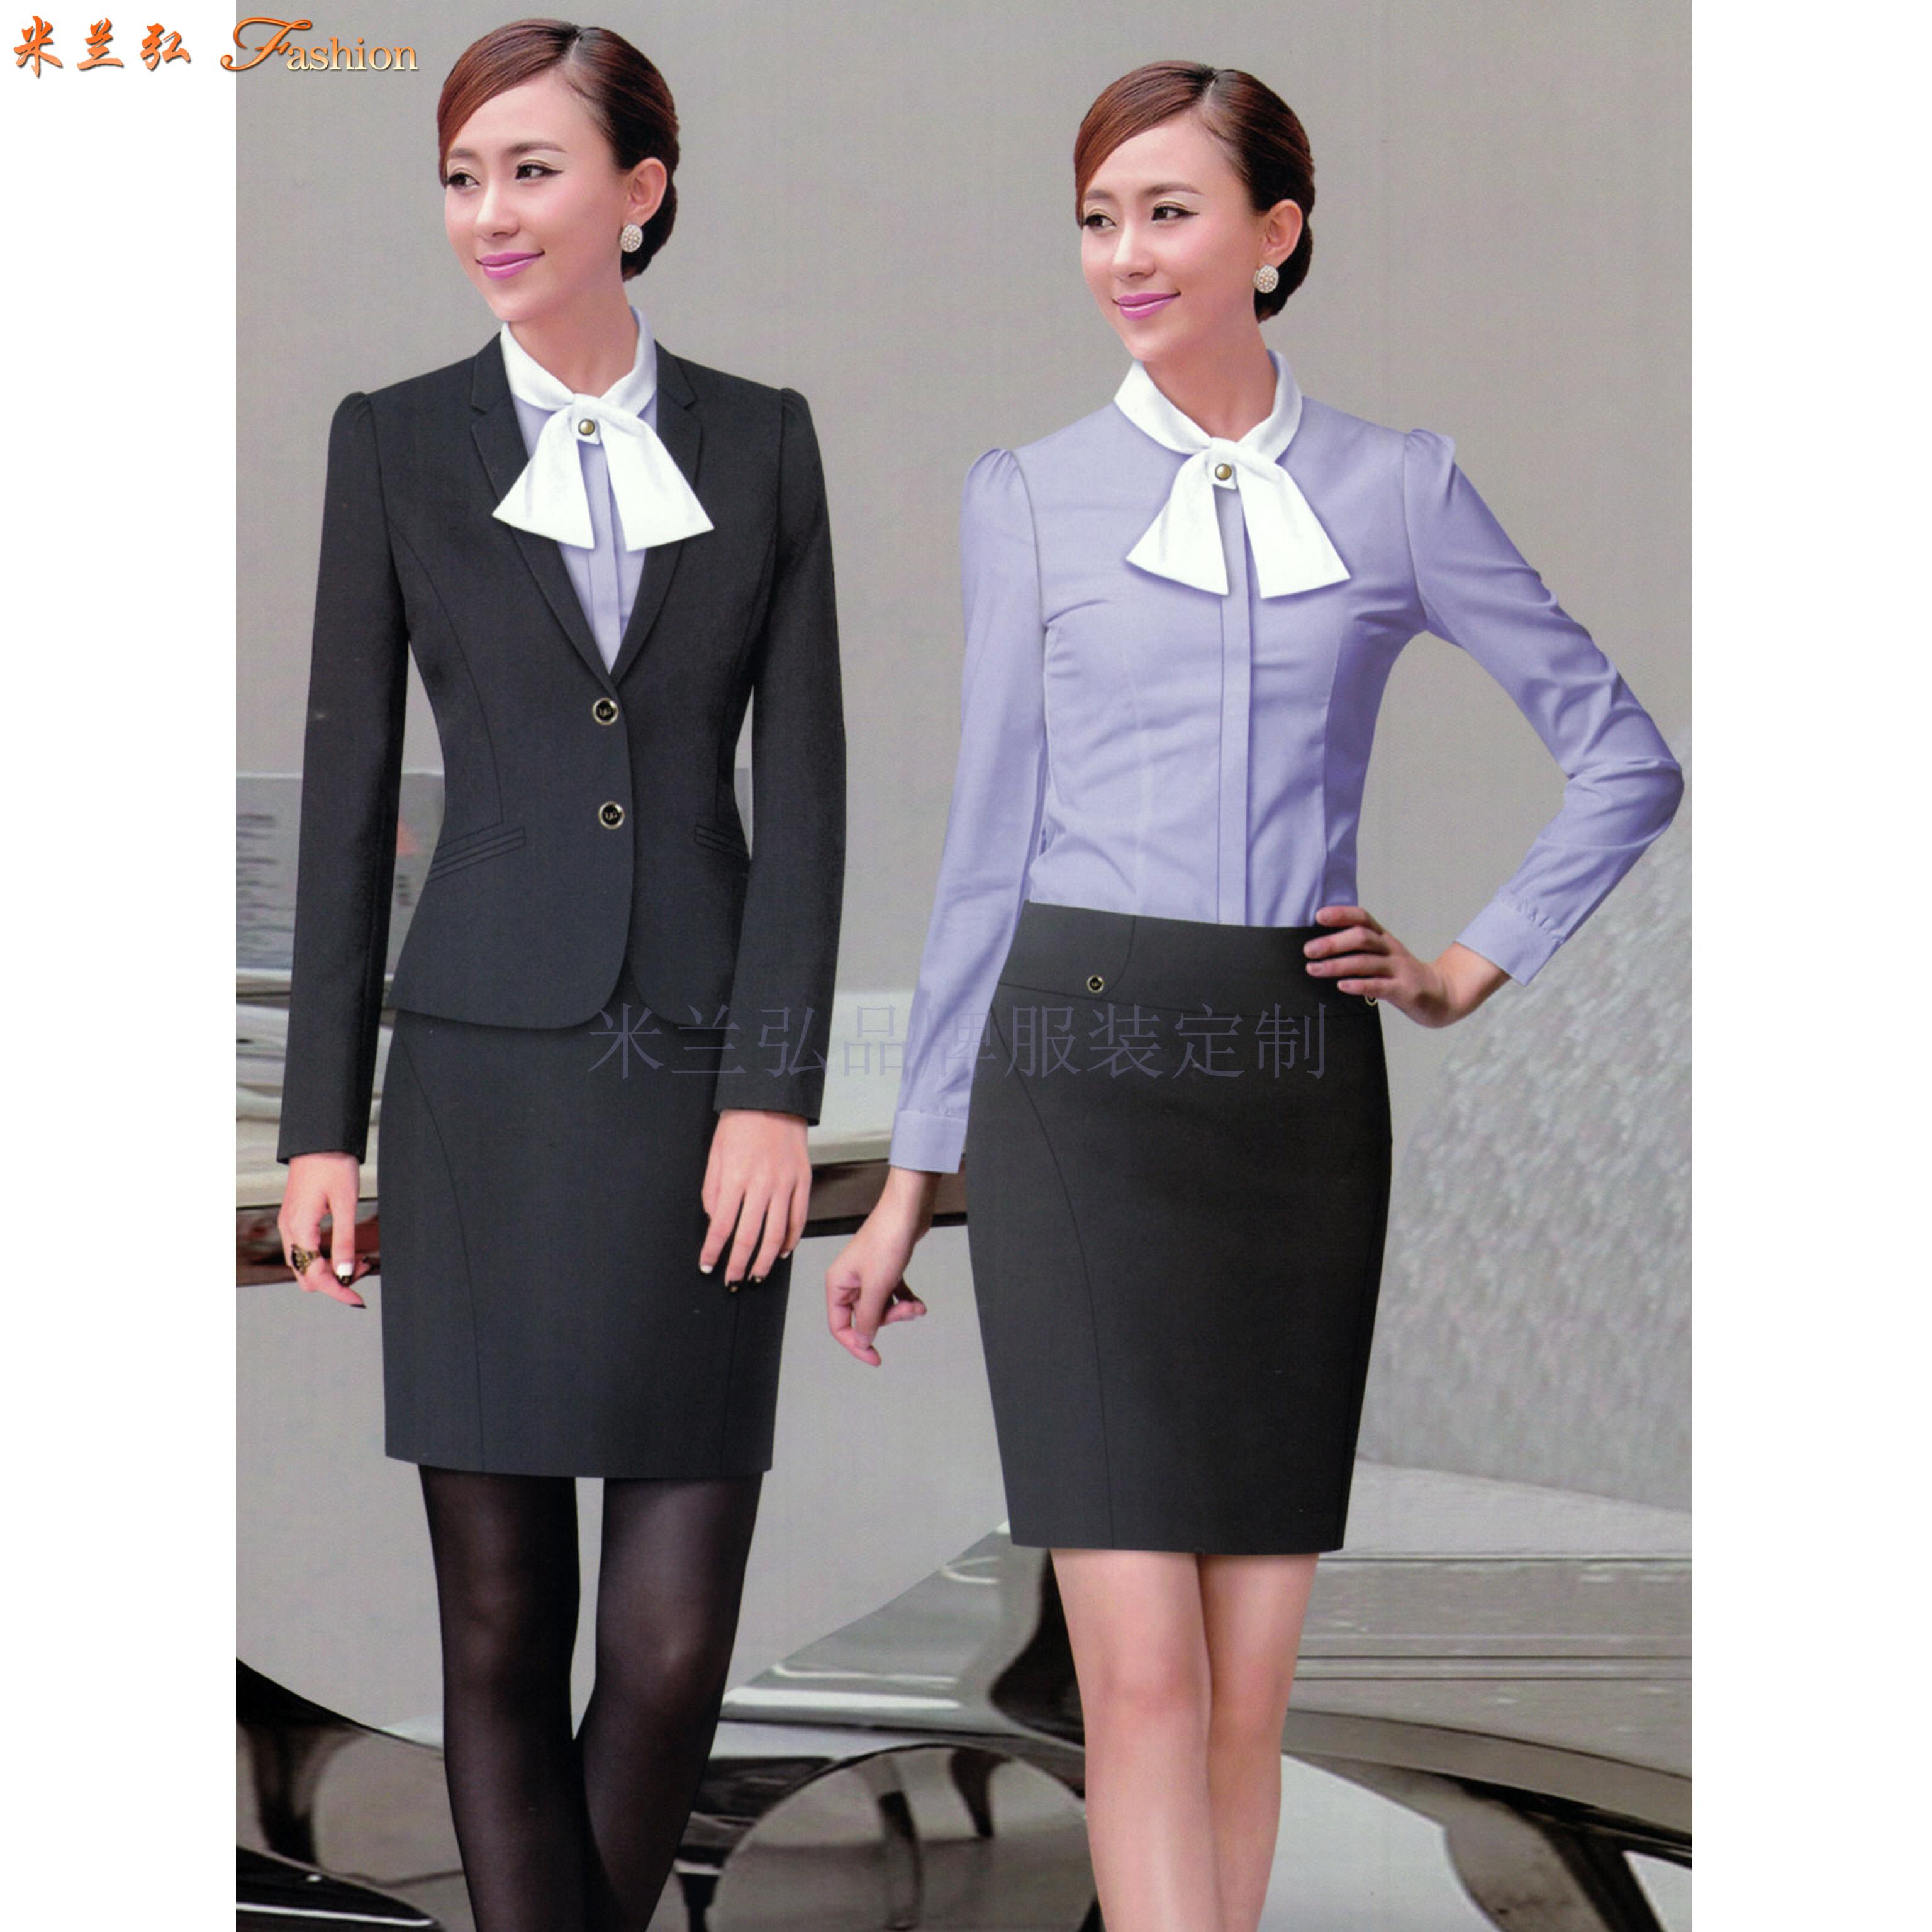 北京西服訂做_公司_價格_圖片_怎么樣-米蘭弘服裝-5